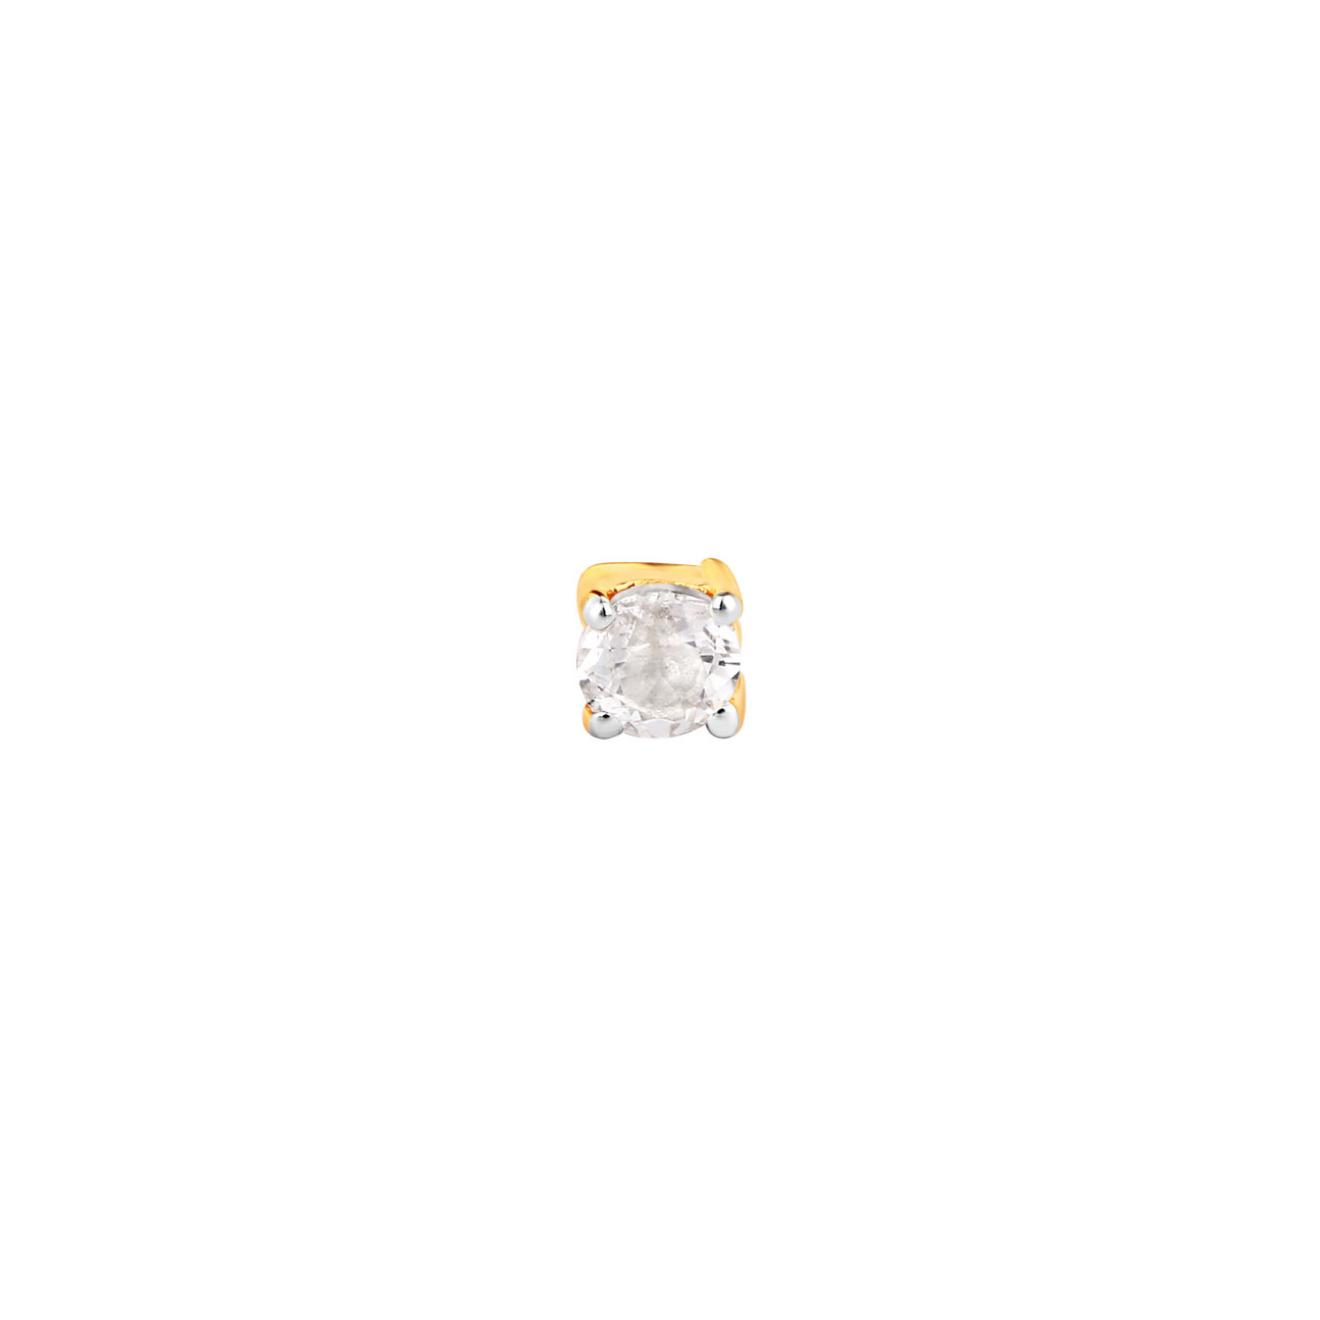 LAV'Z Позолоченная моносерьга из серебра с круглым топазом, из коллекции Nebula lav z позолоченная моносерьга звено из коллекции nebula lav z